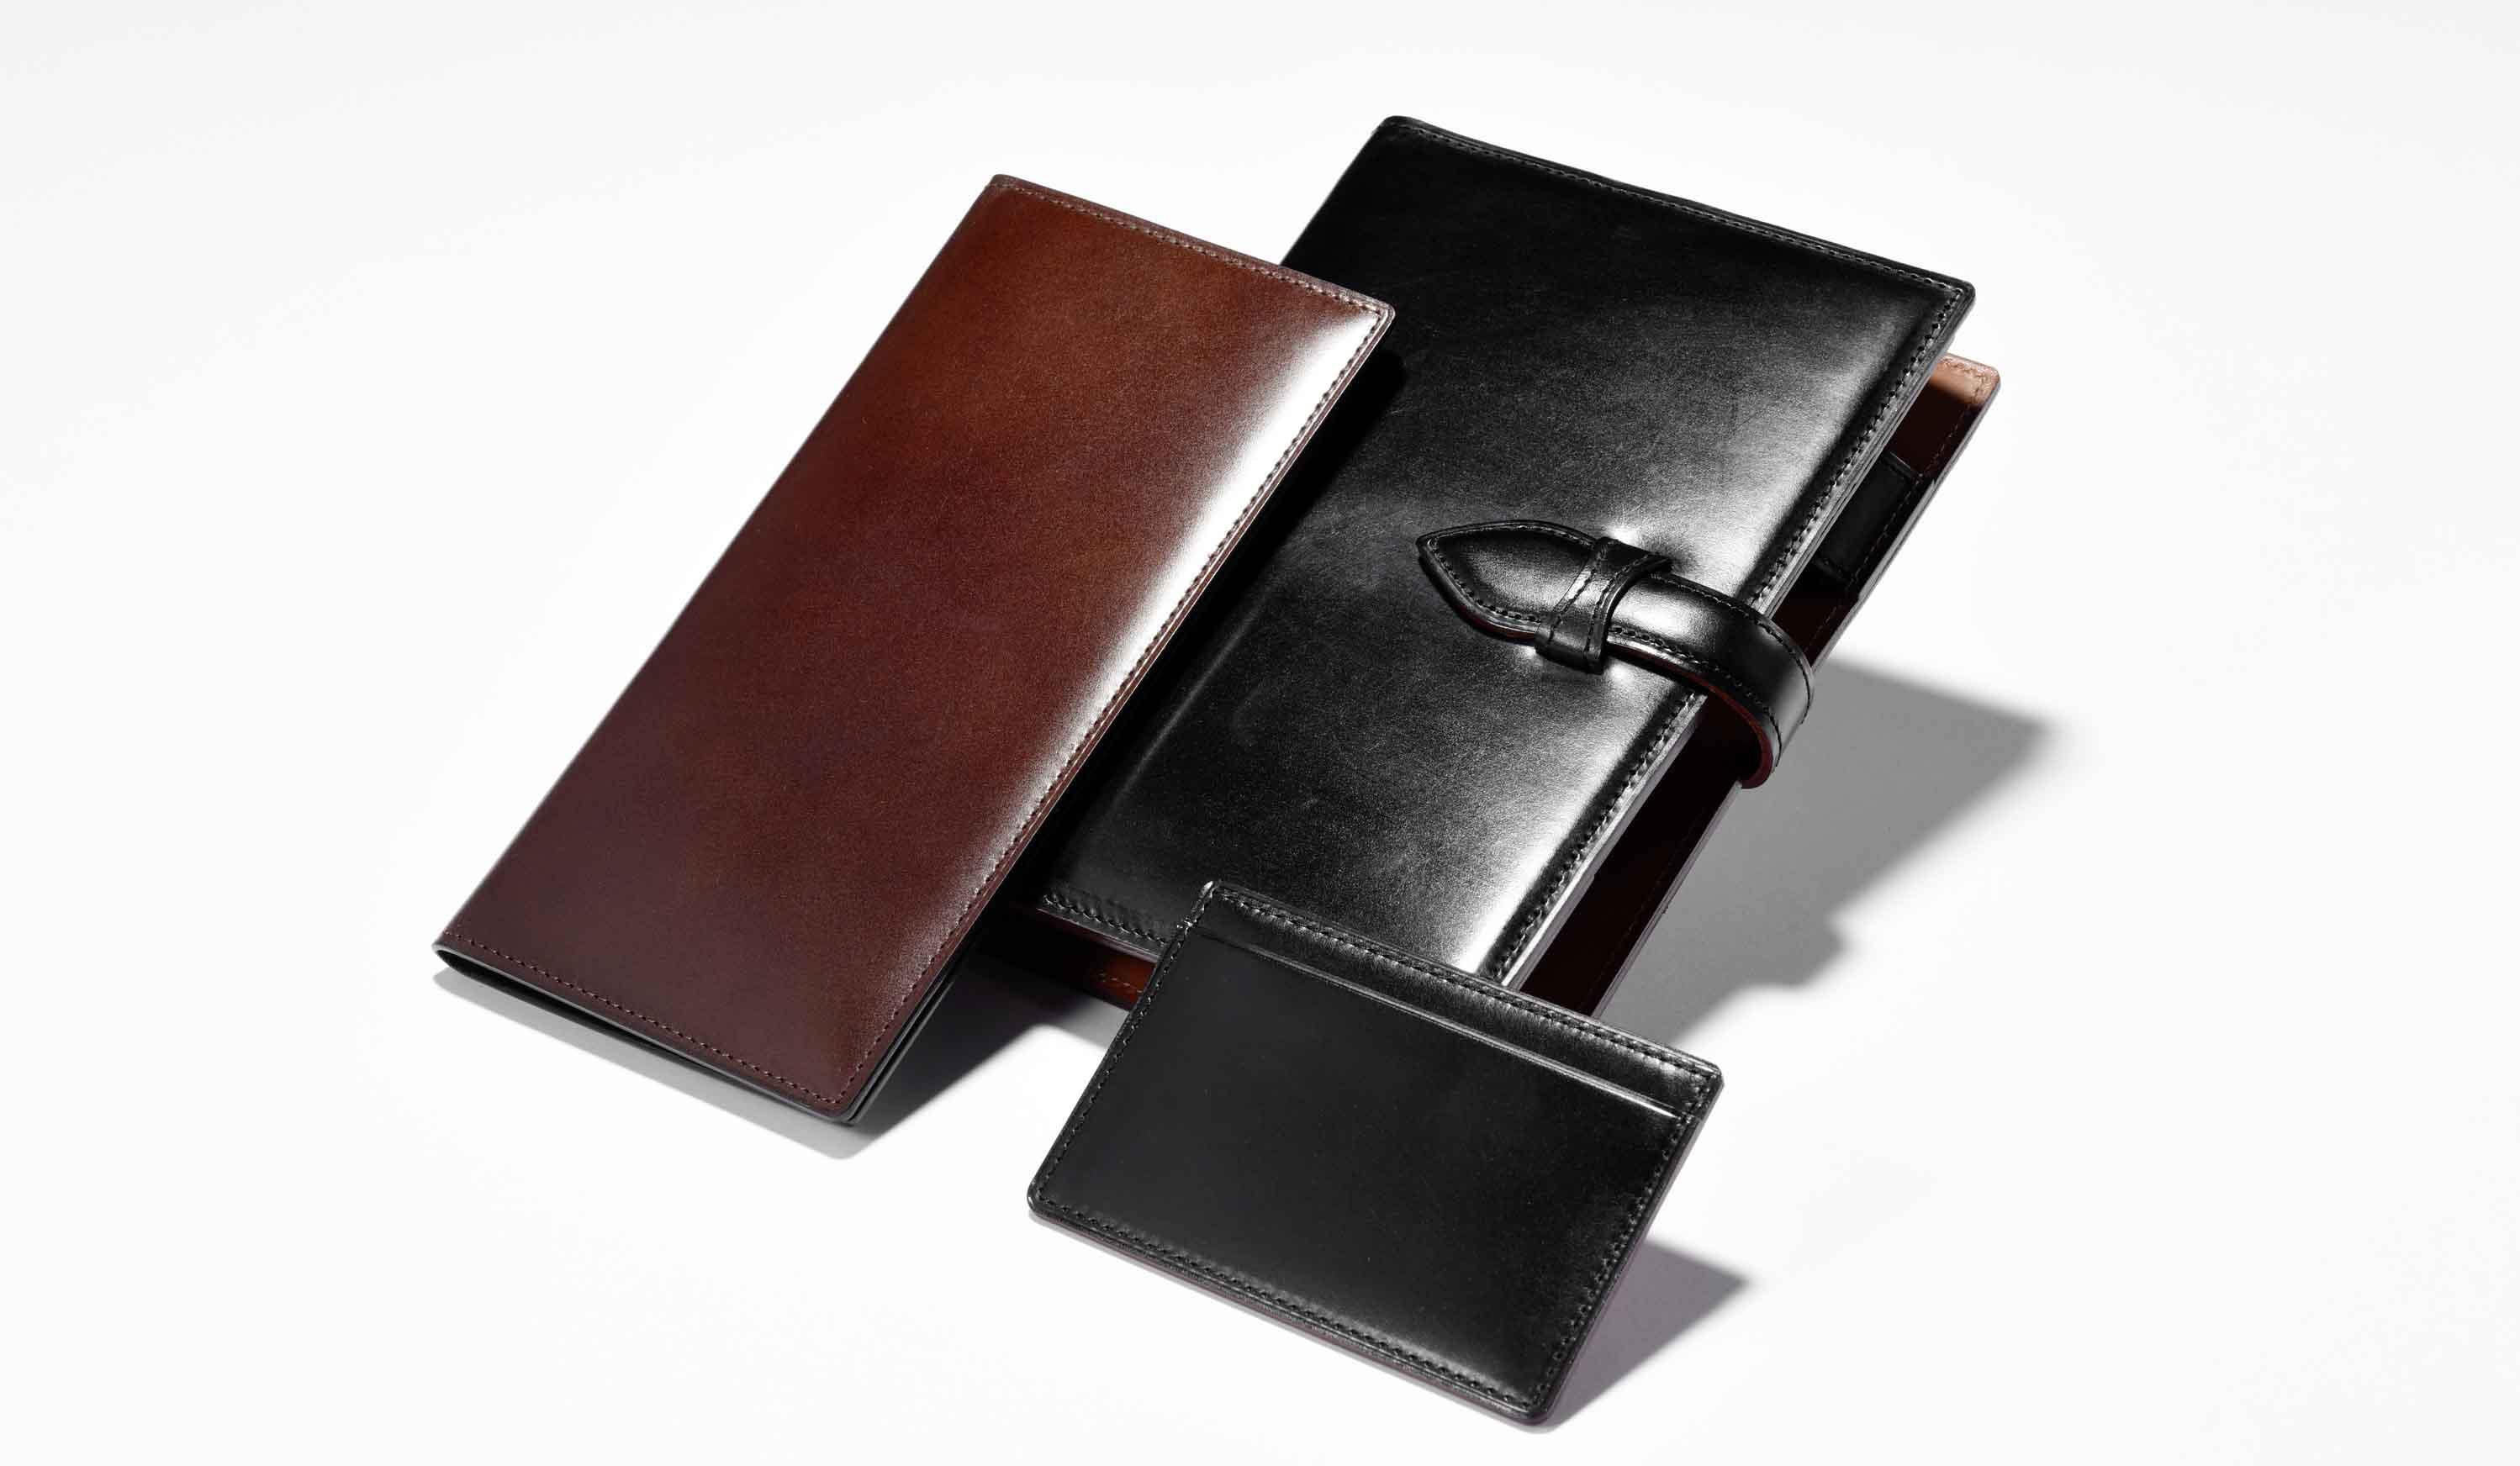 土屋鞄製作所のレザーグッズ 財布